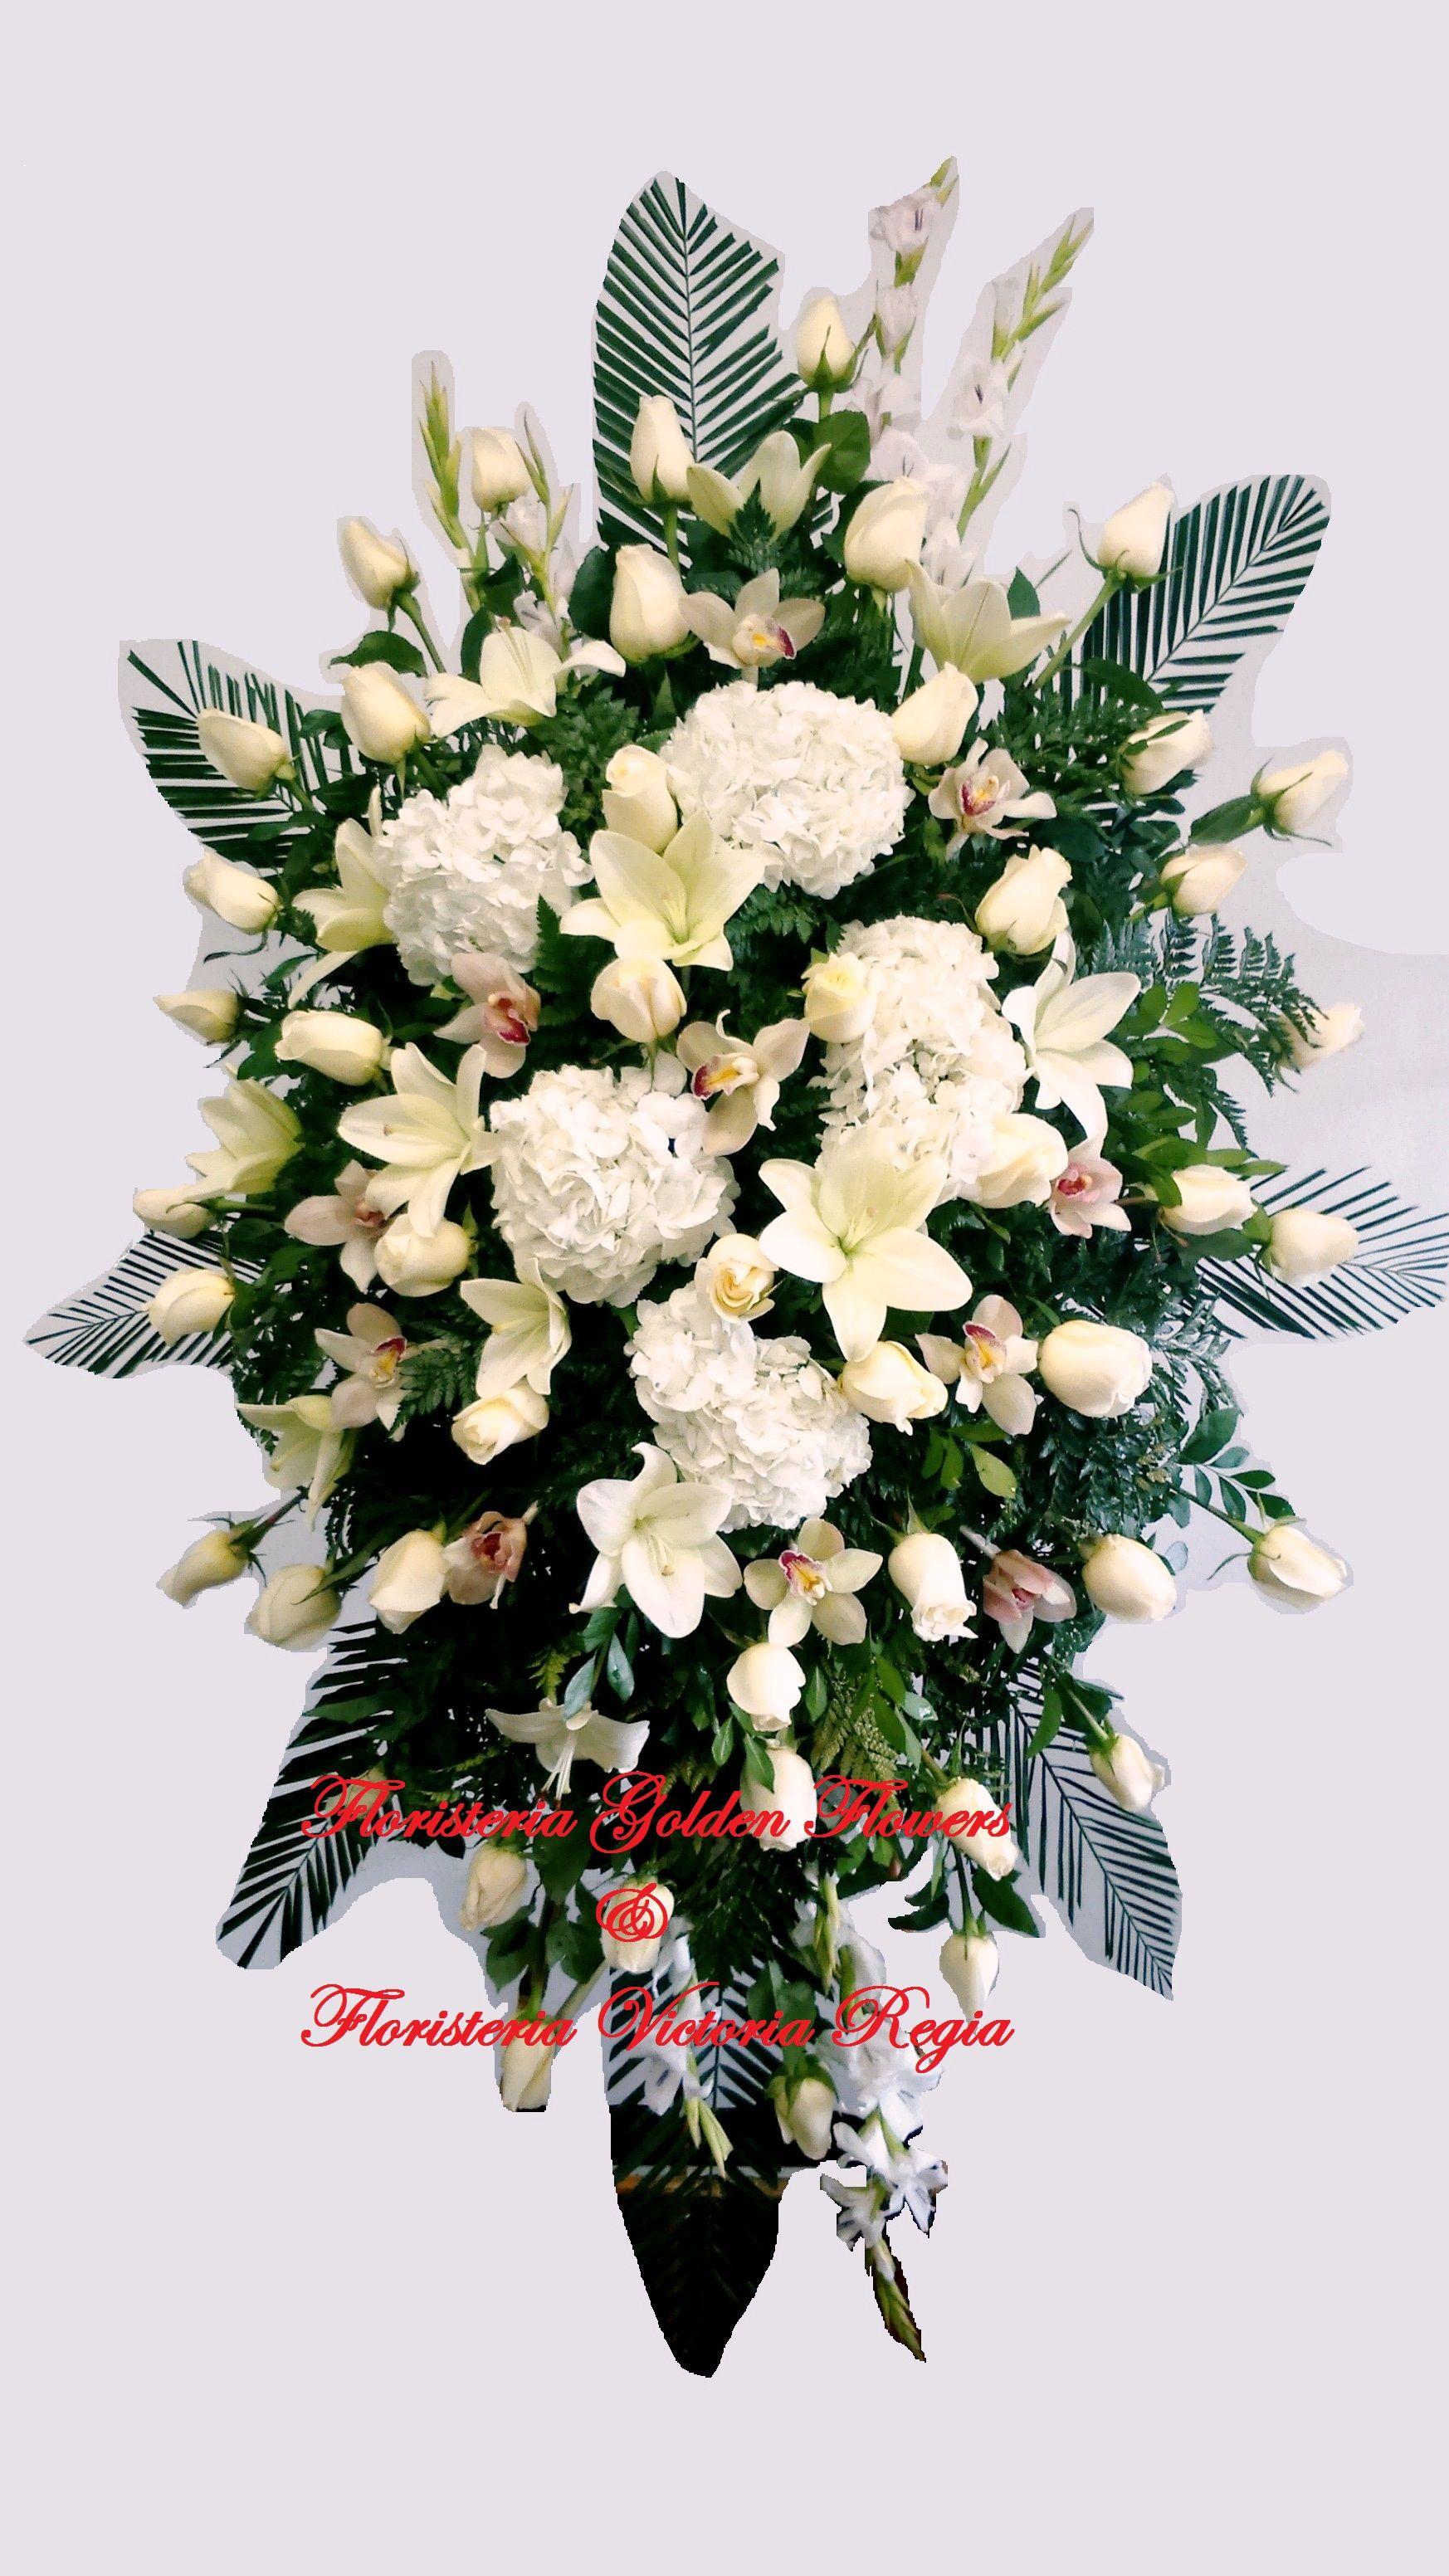 Pedestal Diamante Rosas y Orquideas Cimbidyum